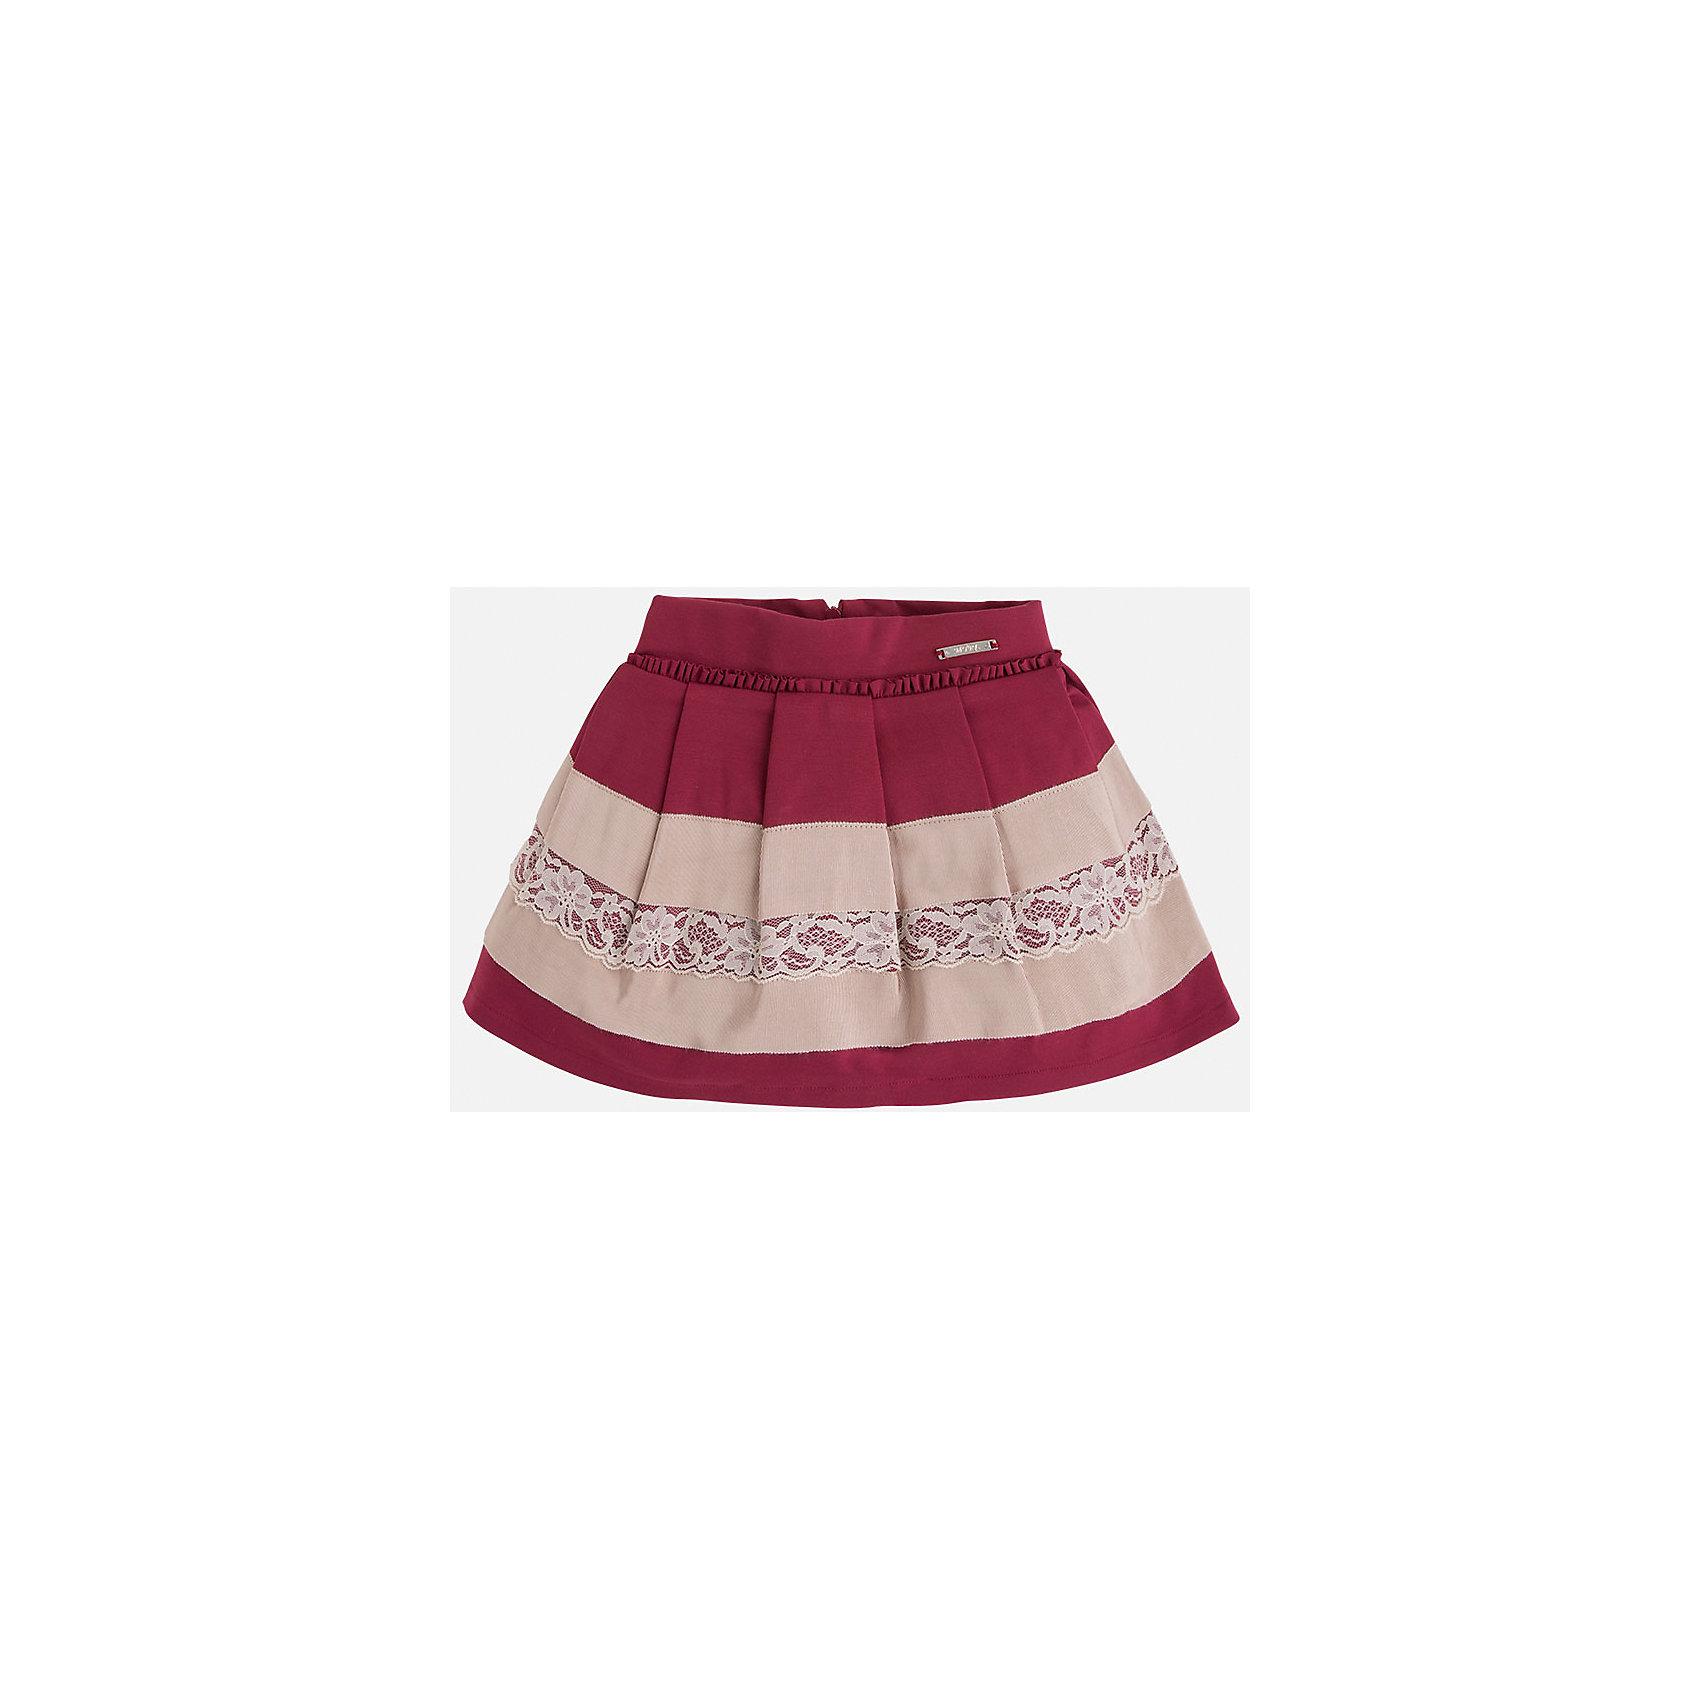 Юбка для девочки MayoralЮбки<br>Юбка для девочка от известного испанского бренда Mayoral(Майорал). Модель изготовлена из качественных материалов, приятных на ощупь. Юбка застегивается на молнию, украшена оборками, нежными кружевами. Контрастный дизайн юбки отлично смотрится на юной моднице!<br>Дополнительная информация:<br>-сзади застегивается на молнию<br>-украшена кружевами и оборками<br>-цвет: красный/бежевый<br>-состав: 71% вискоза, 26% полиамид, 3% эластан; подкладка: 80% полиэстер, 20% хлопок<br>Юбку Mayoral(Майорал) можно приобрести в нашем интернет-магазине.<br><br>Ширина мм: 207<br>Глубина мм: 10<br>Высота мм: 189<br>Вес г: 183<br>Цвет: красный<br>Возраст от месяцев: 24<br>Возраст до месяцев: 36<br>Пол: Женский<br>Возраст: Детский<br>Размер: 98,128,122,104,116,110,134<br>SKU: 4844231